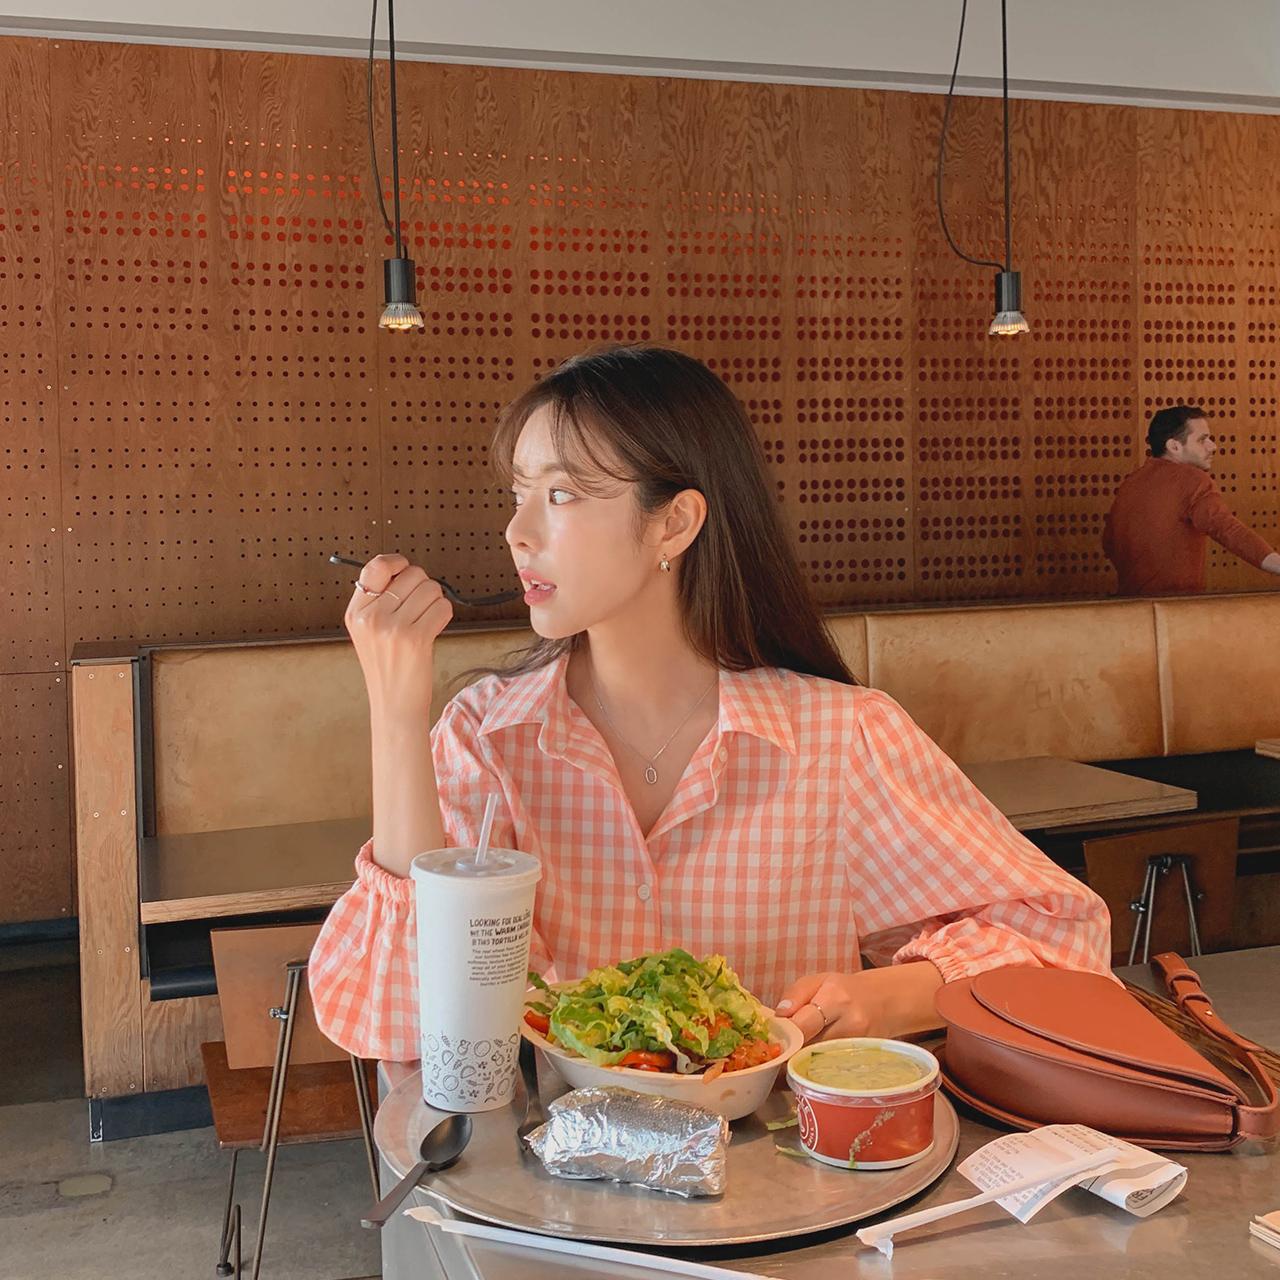 Fresh check blouse